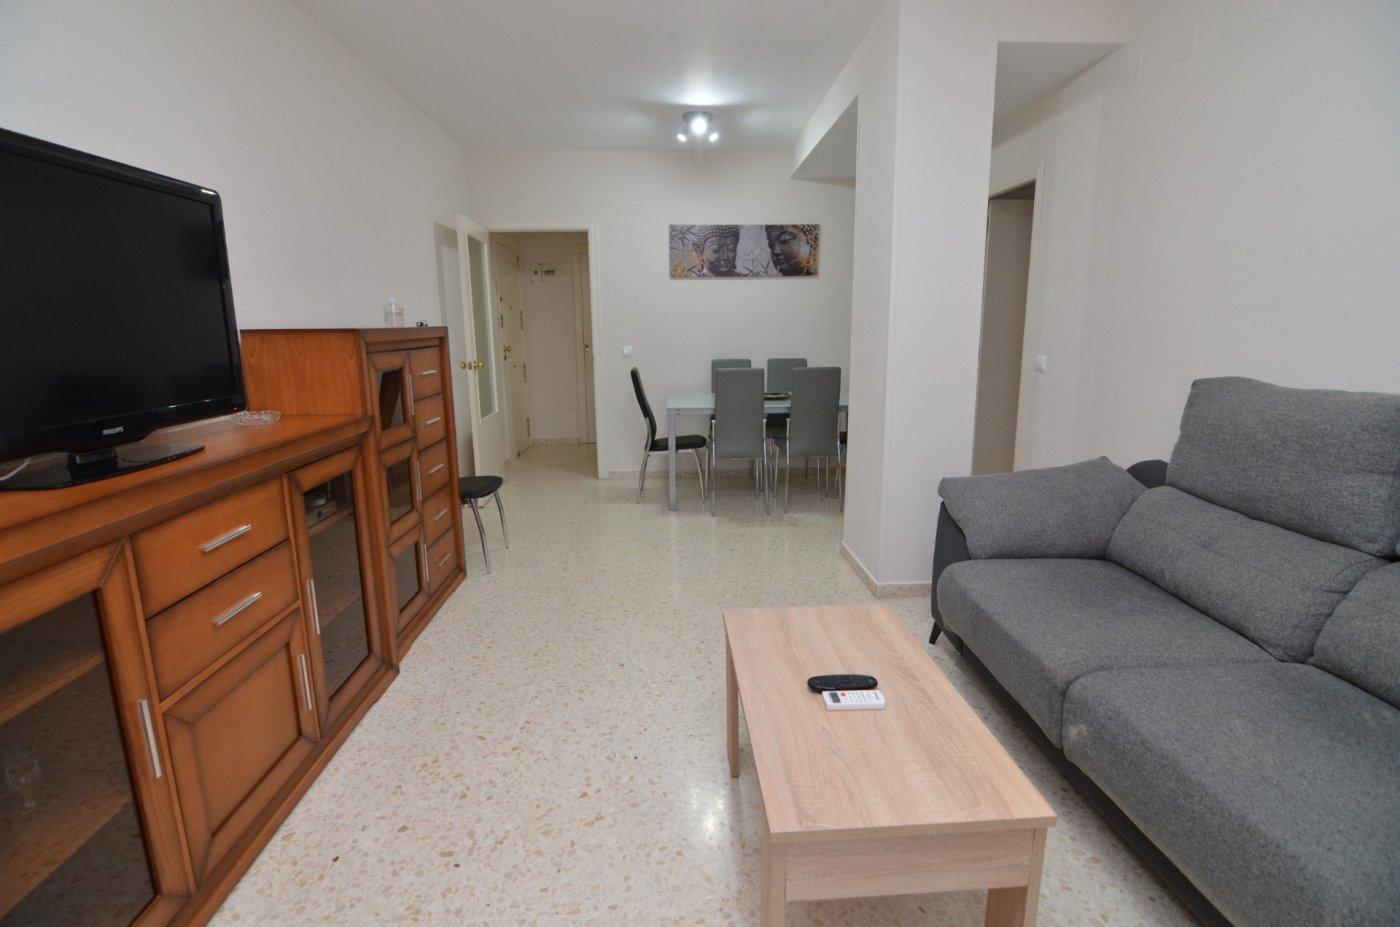 Affitto Appartamento  San jose de la rinconada ,mirador. Piso  alquiler de 2 habitaciones!!